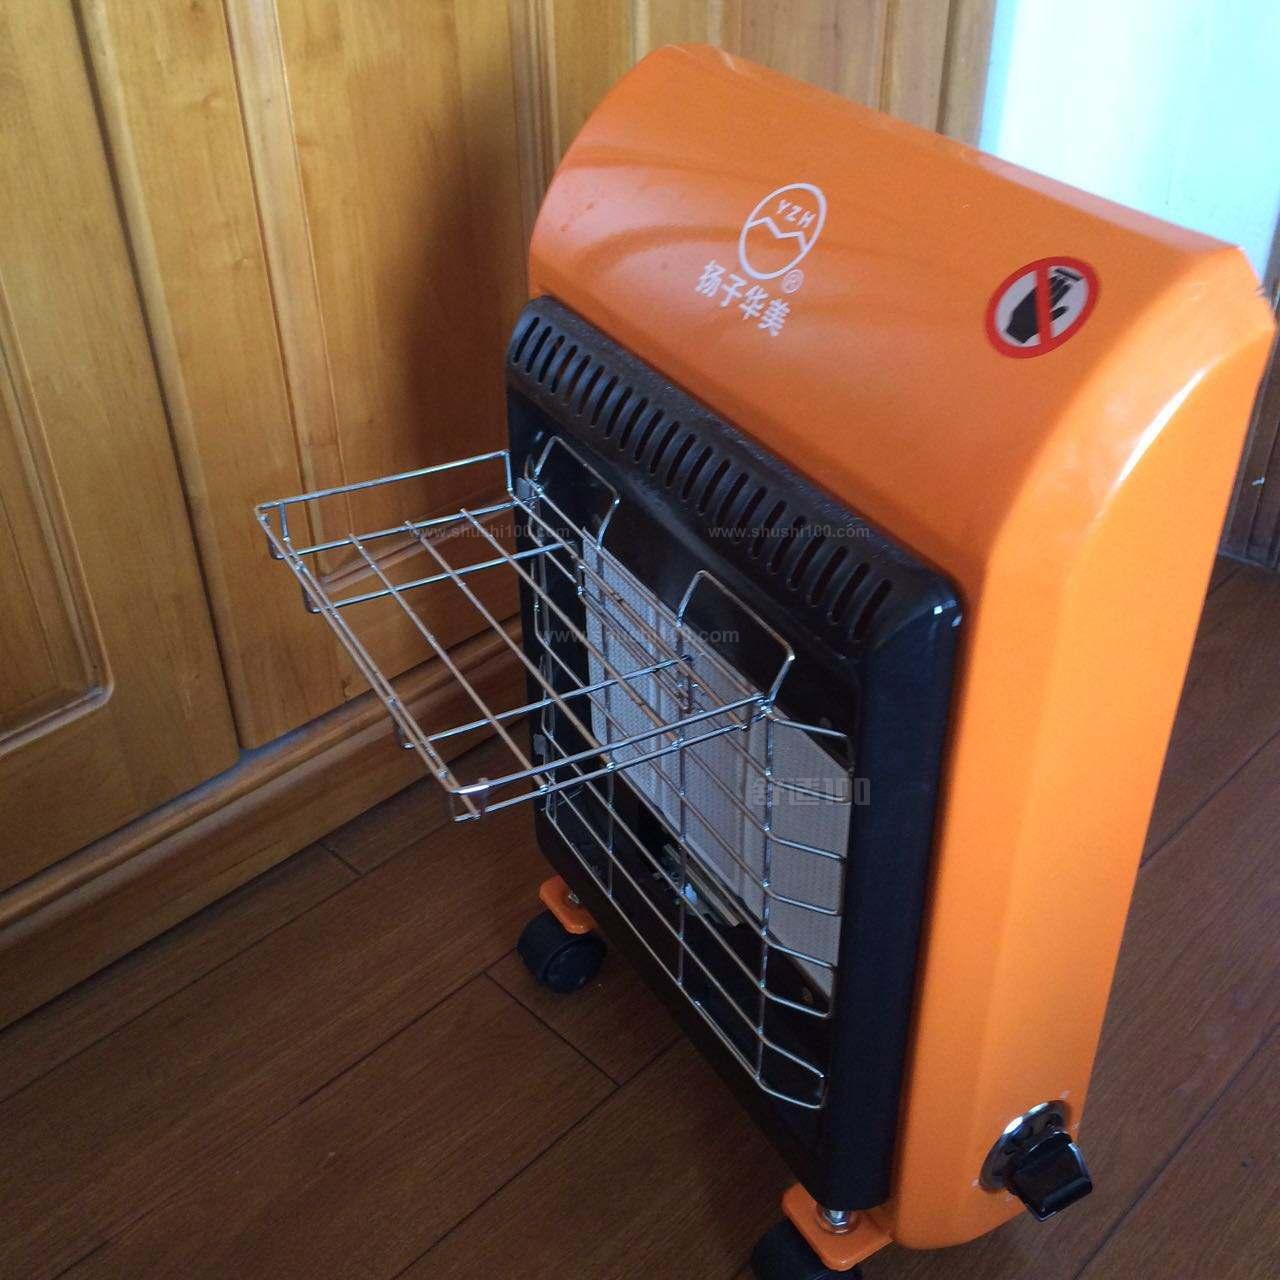 燃气取暖器哪个品牌好—燃气取暖器的好品牌